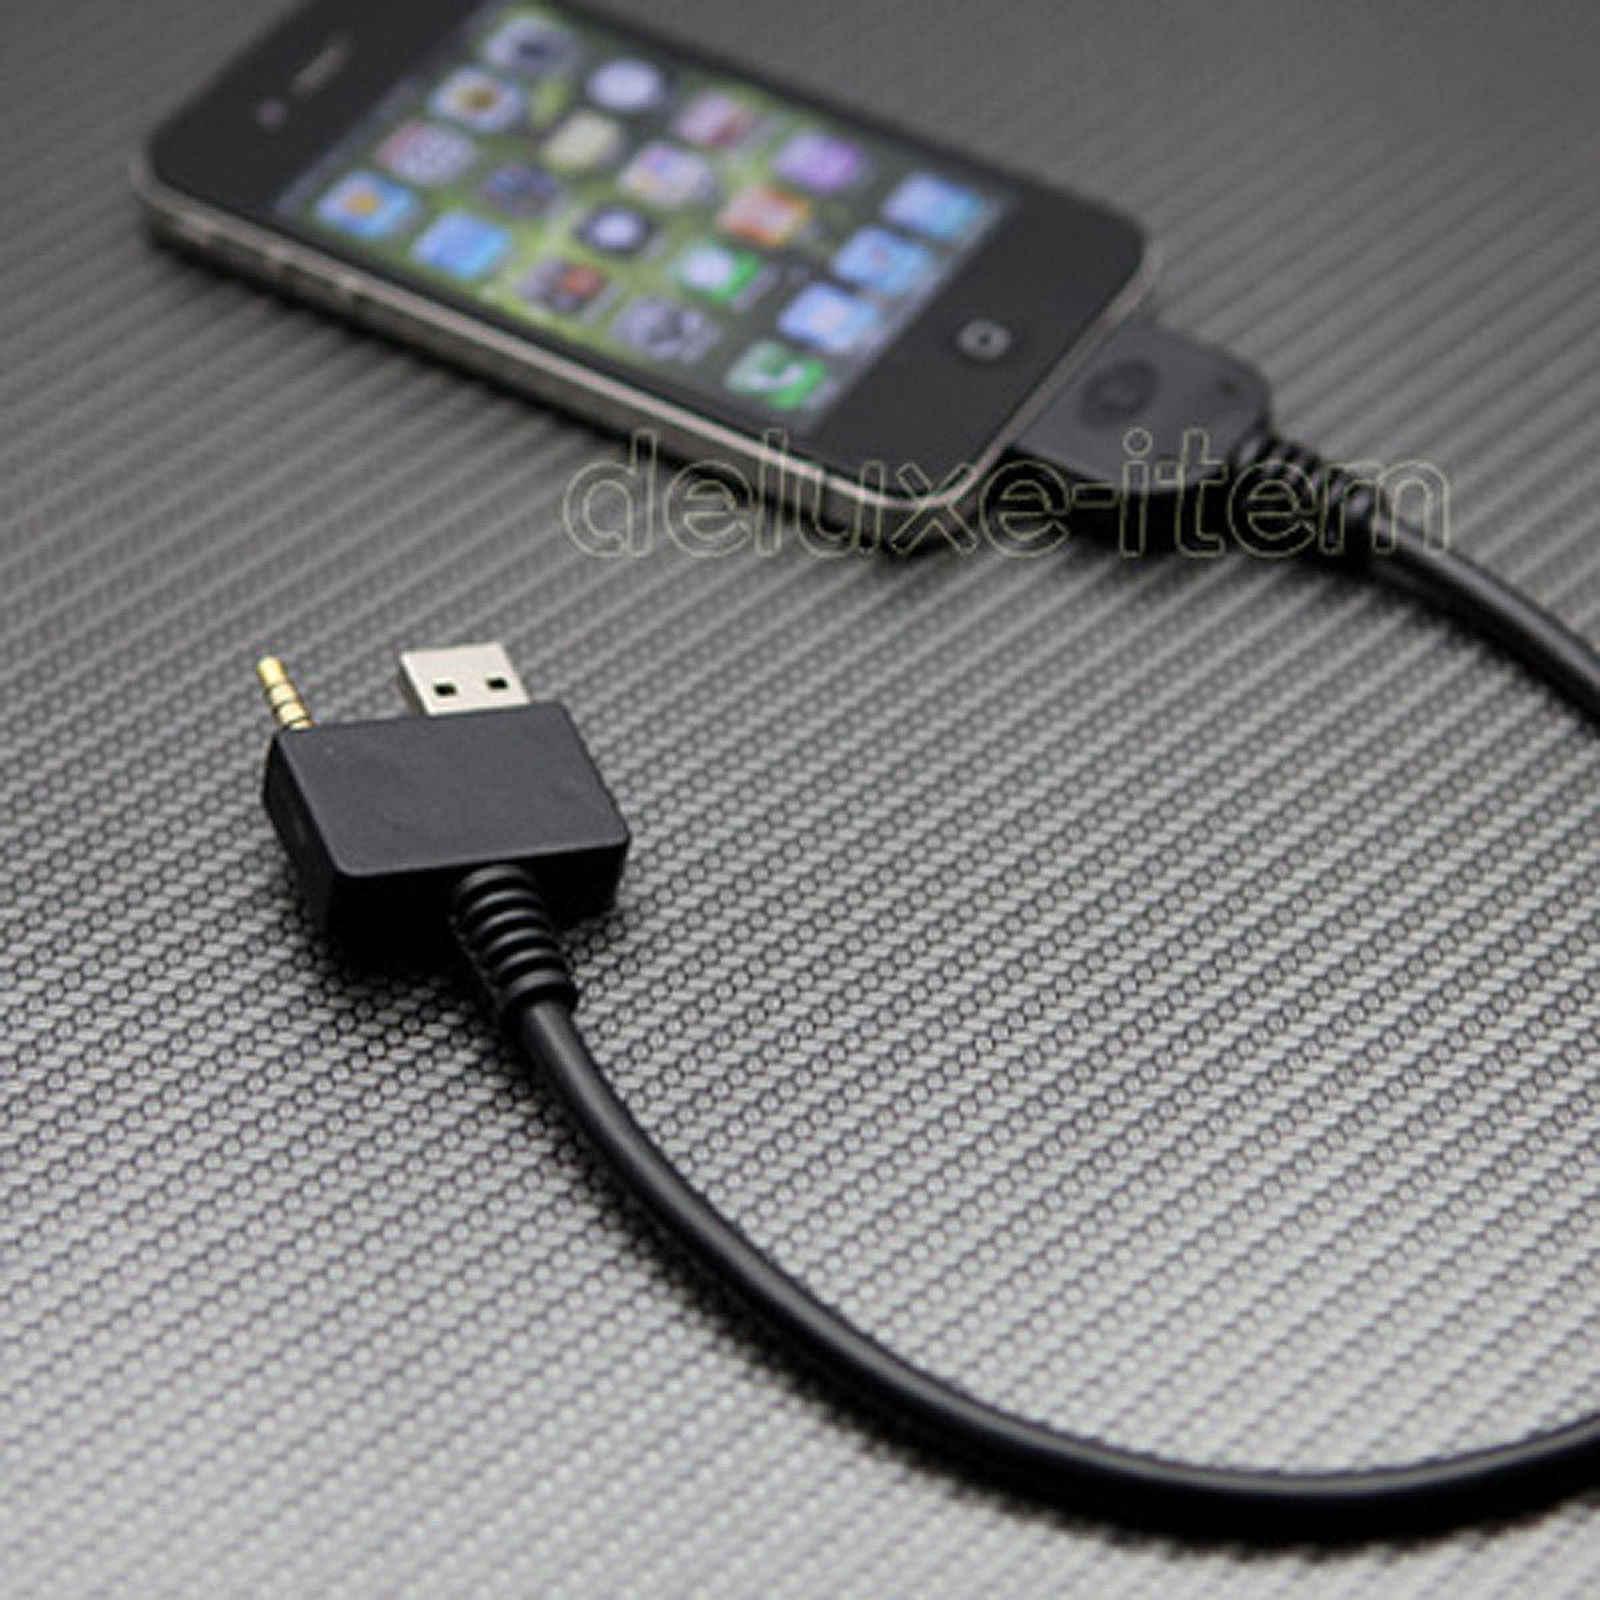 96 125-1H500 Cavo di collegamento USB per i modelli di iPod//iPhone adatto a Hyundai e Kia